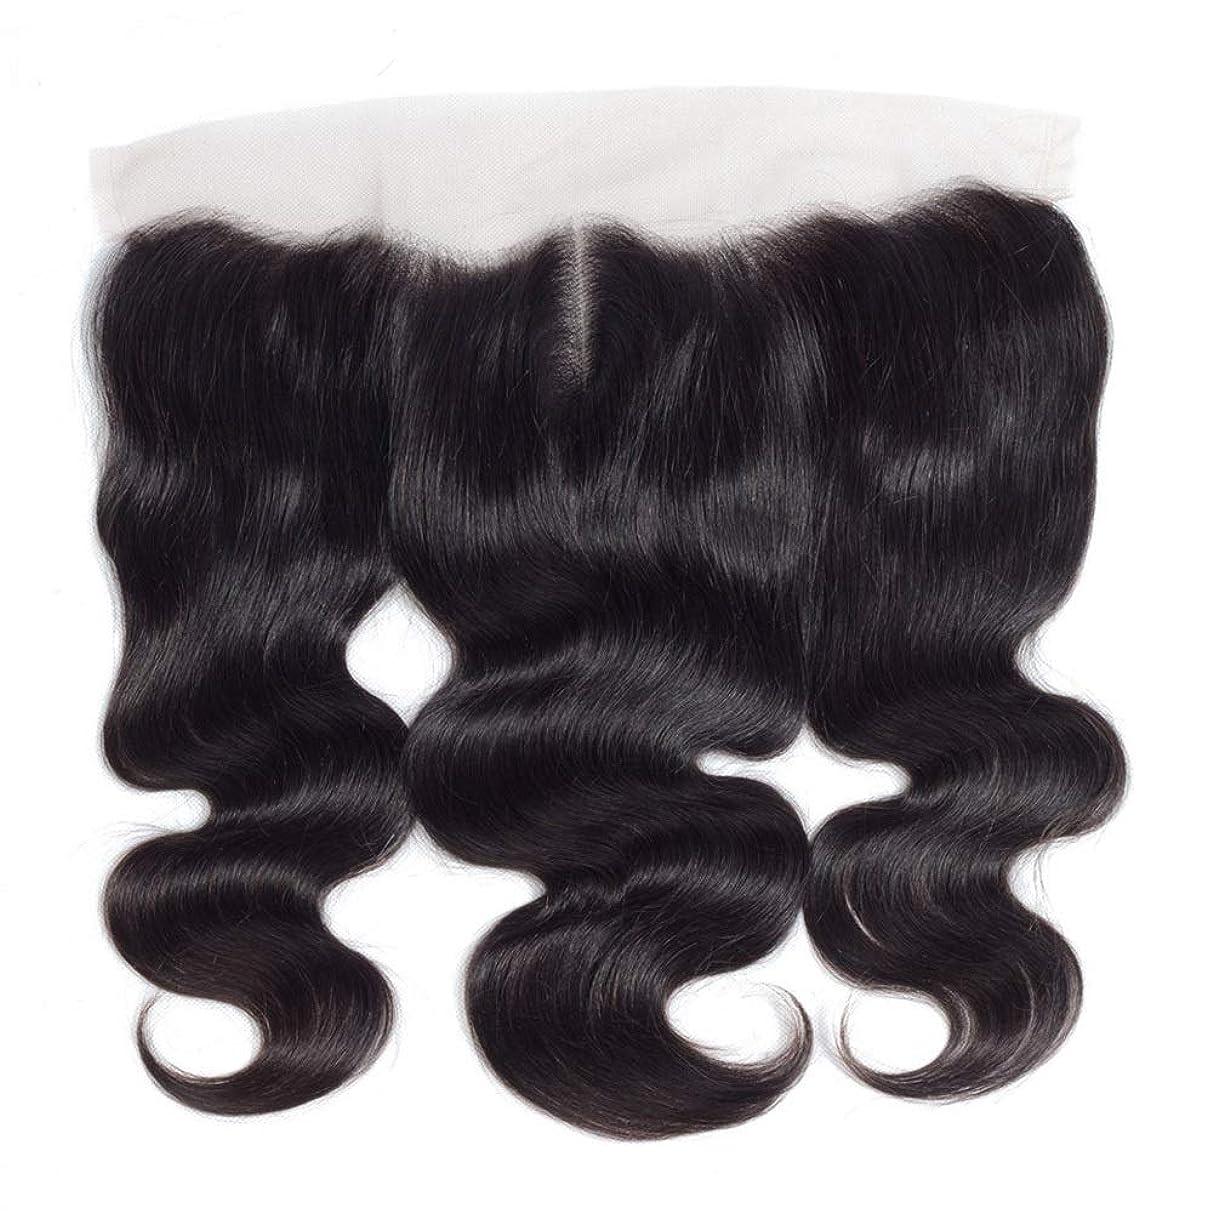 日常的にお別れコンサルタントYESONEEP 13 * 4レース前頭閉鎖人間の髪の毛の部分 - ブラジル実体波トップミドル別れ長い巻き毛のかつら (色 : 黒, サイズ : 16 inch)